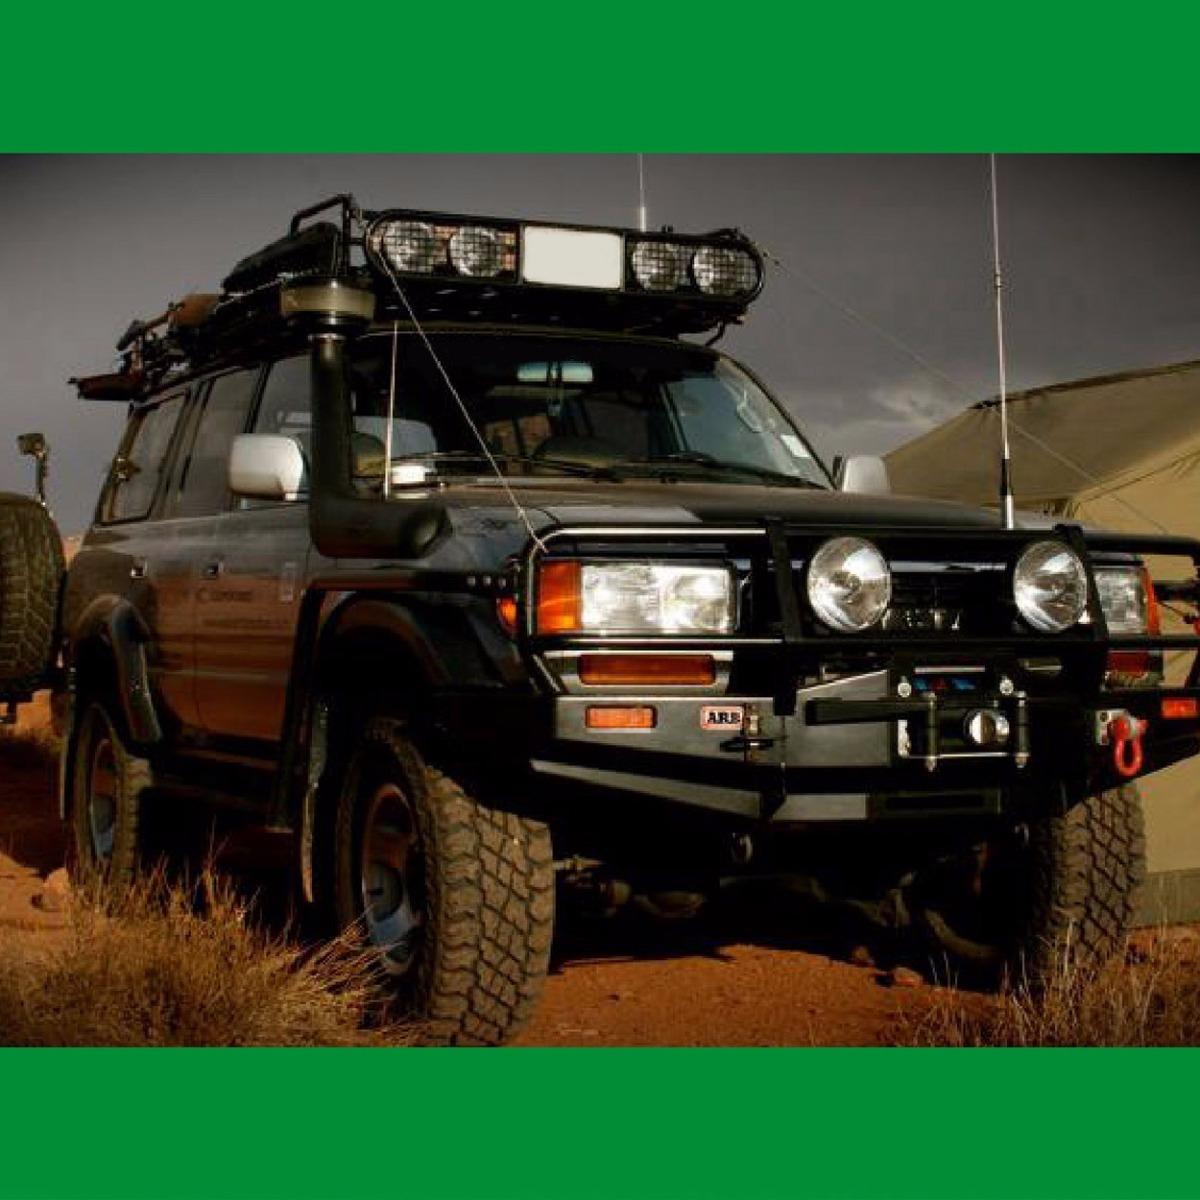 Calcomanias Rusticos Toyota Land Cruiser Autana Meru Arb Bs 100 Cargando Zoom